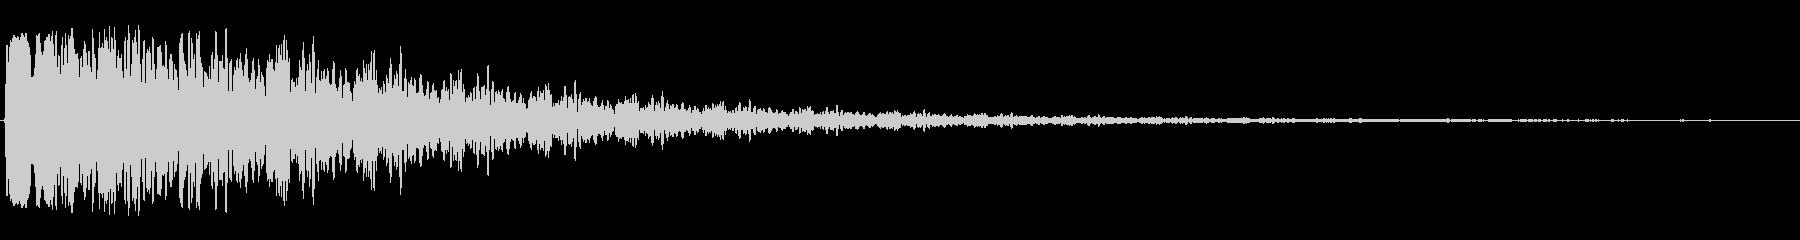 キィィィ〜ンと響き渡る効果音の未再生の波形